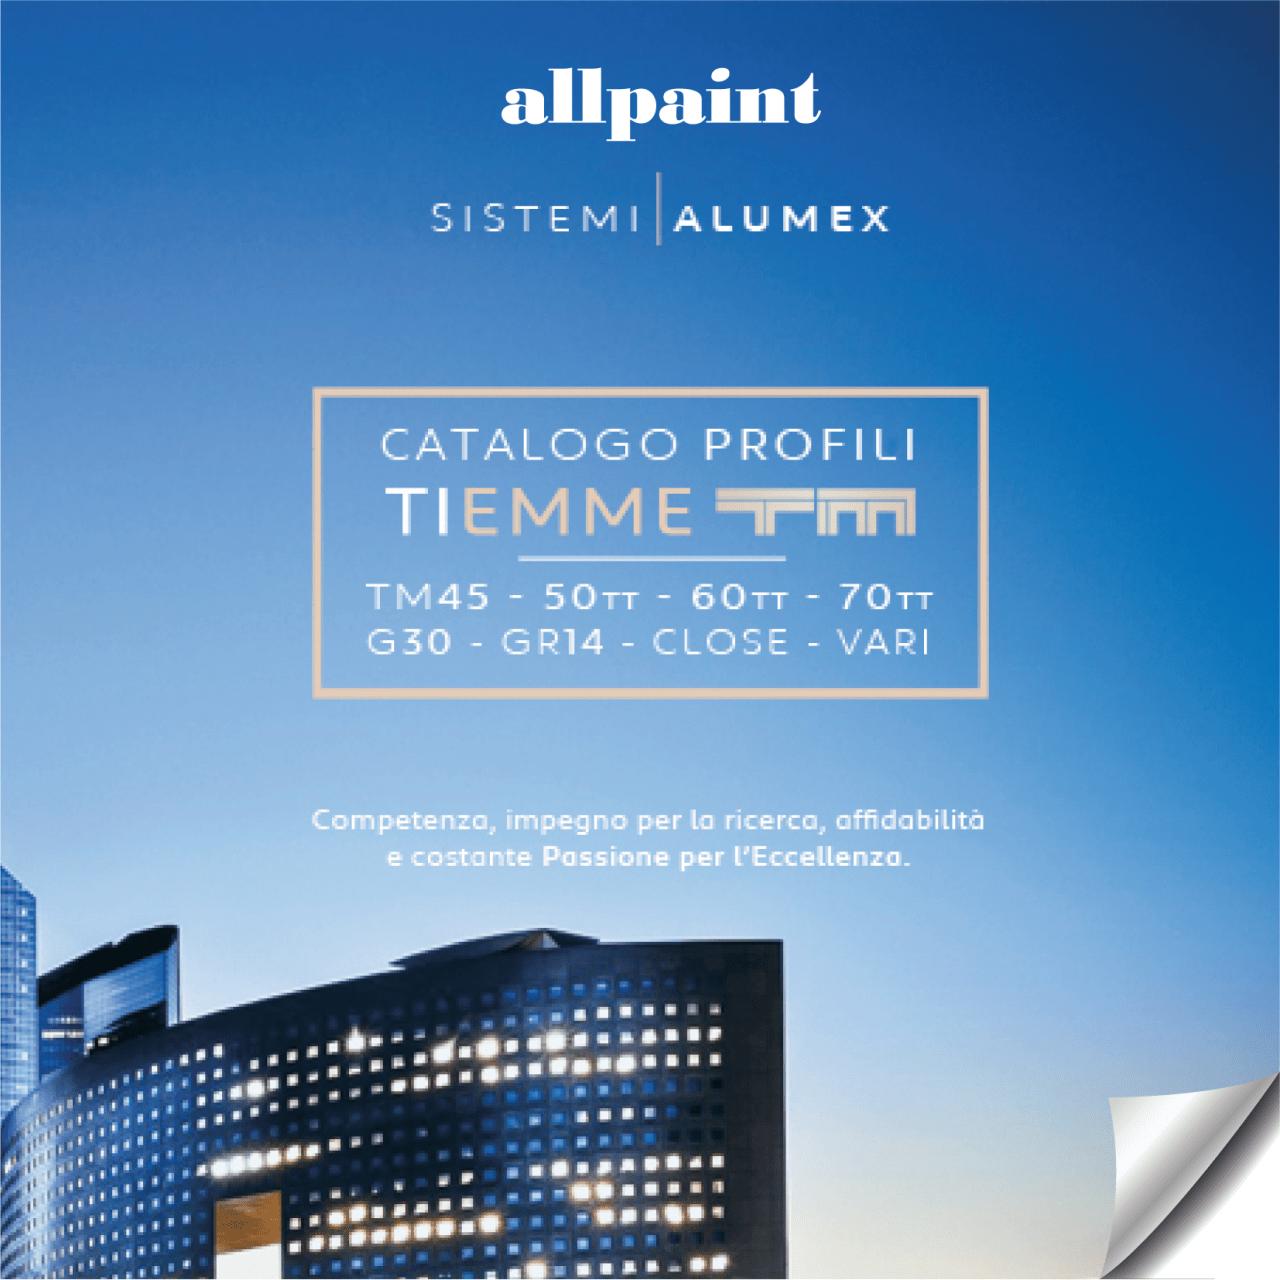 https://www.allpaint.it/wp-content/uploads/2021/08/TIEMME-ALLPAINT-1280x1280.png